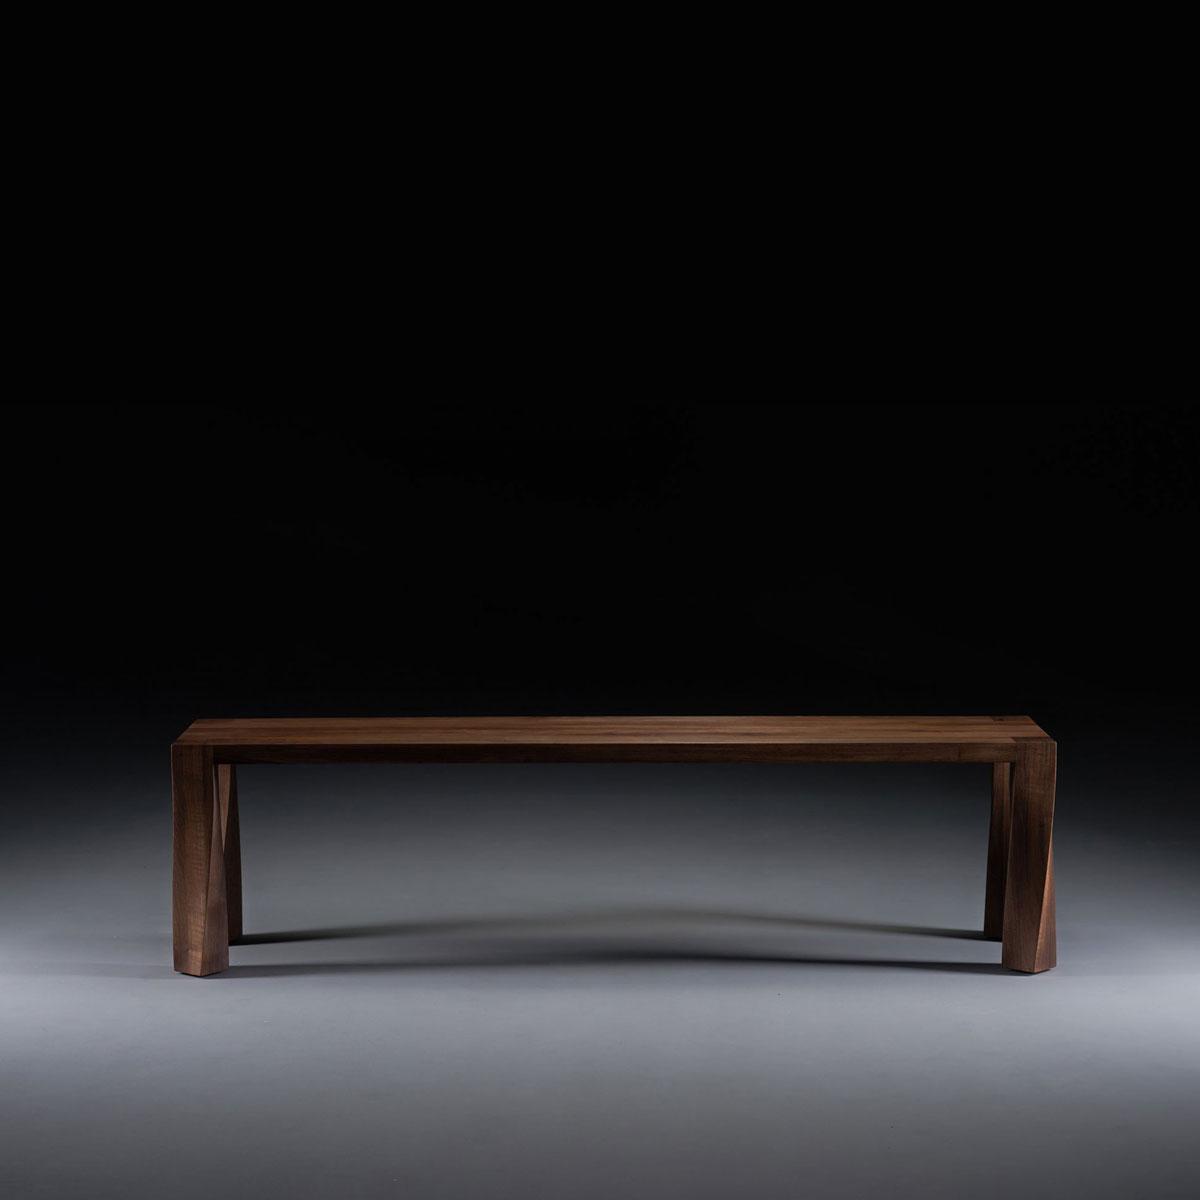 Mesa Tor de Artisan, diseñada en maderas de primera calidad a elegir, con líneas vanguardistas y originales, producida de forma artesana en Europa